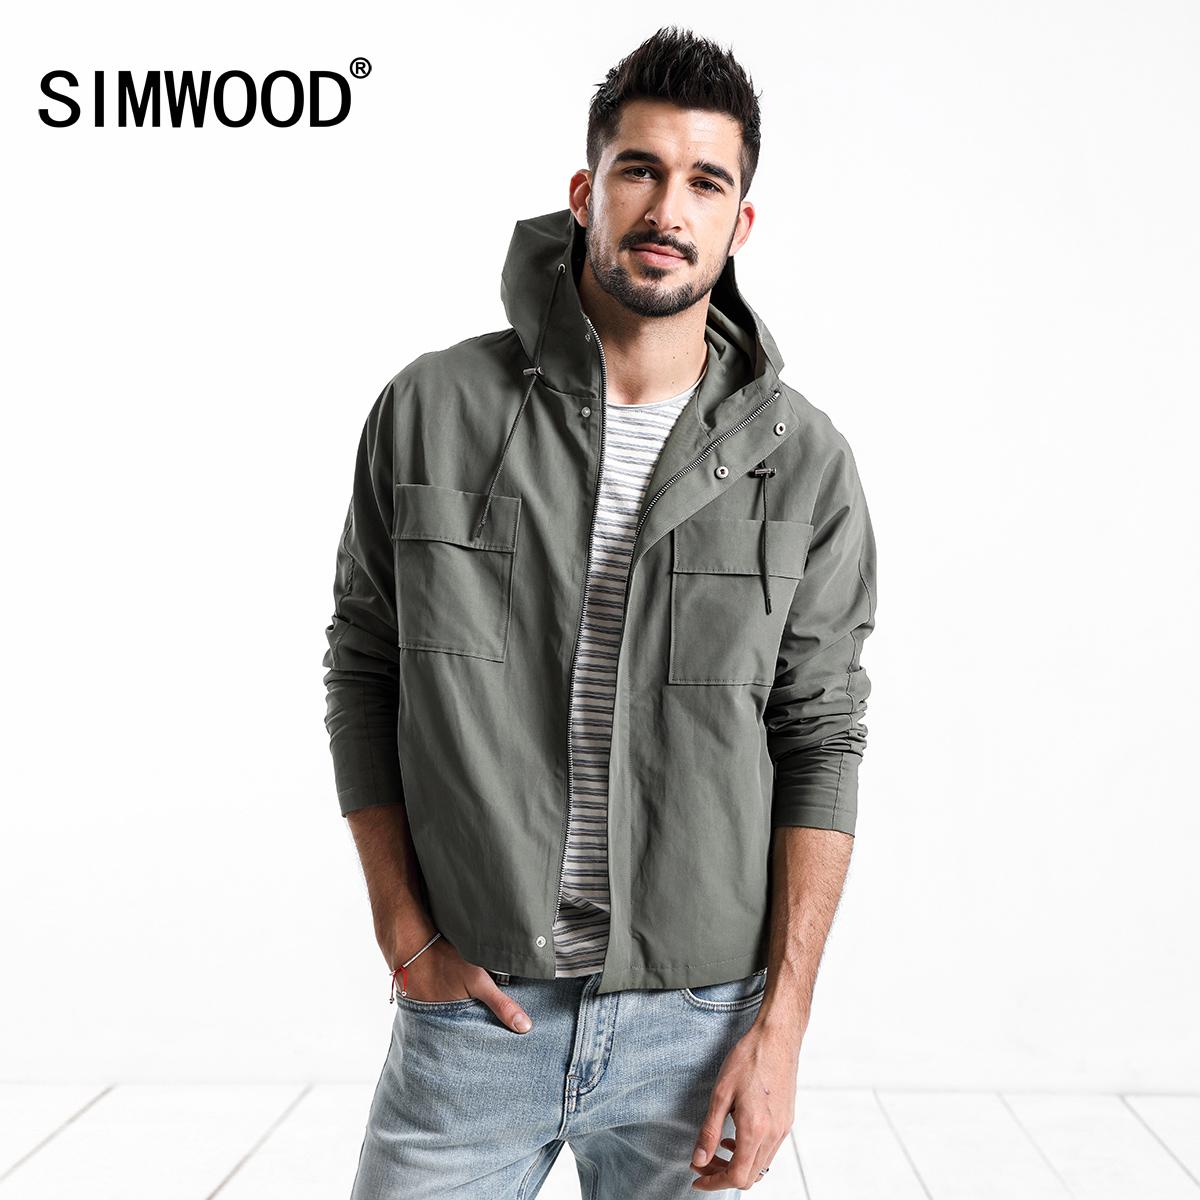 Simwood简木男装2018秋季亚博线上开户胸前口袋连帽薄款军绿修身夹克外套